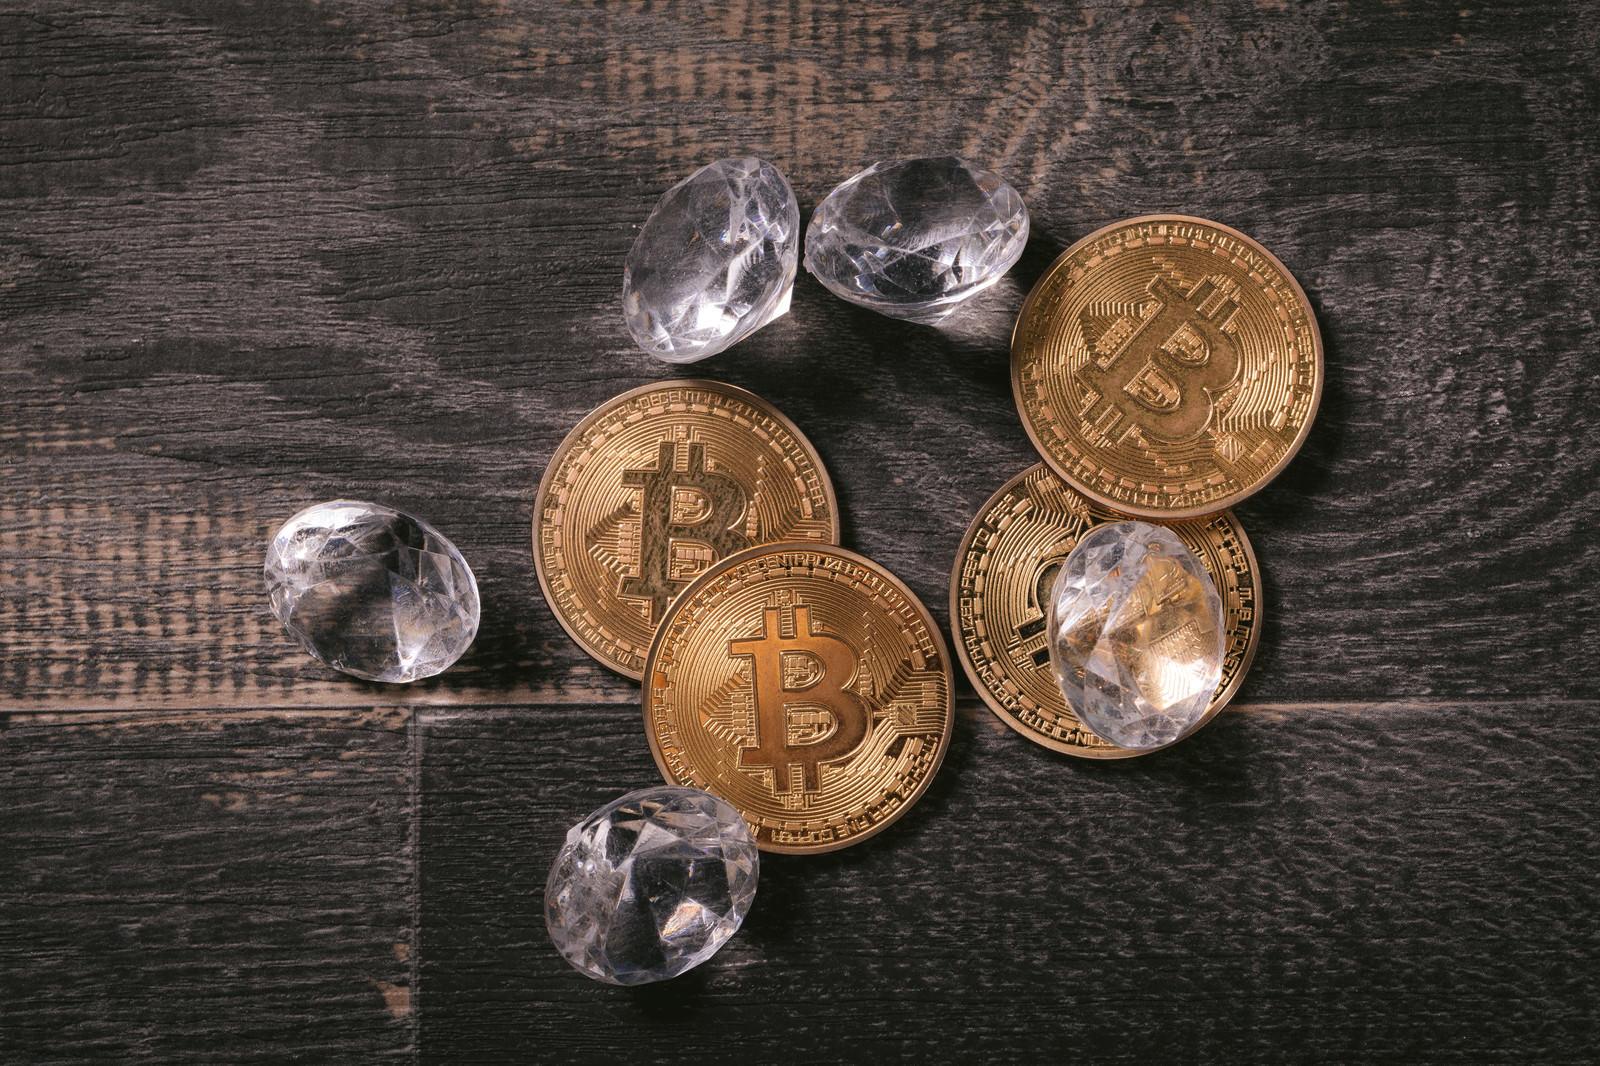 「採掘したダイヤとビットコイン採掘したダイヤとビットコイン」のフリー写真素材を拡大